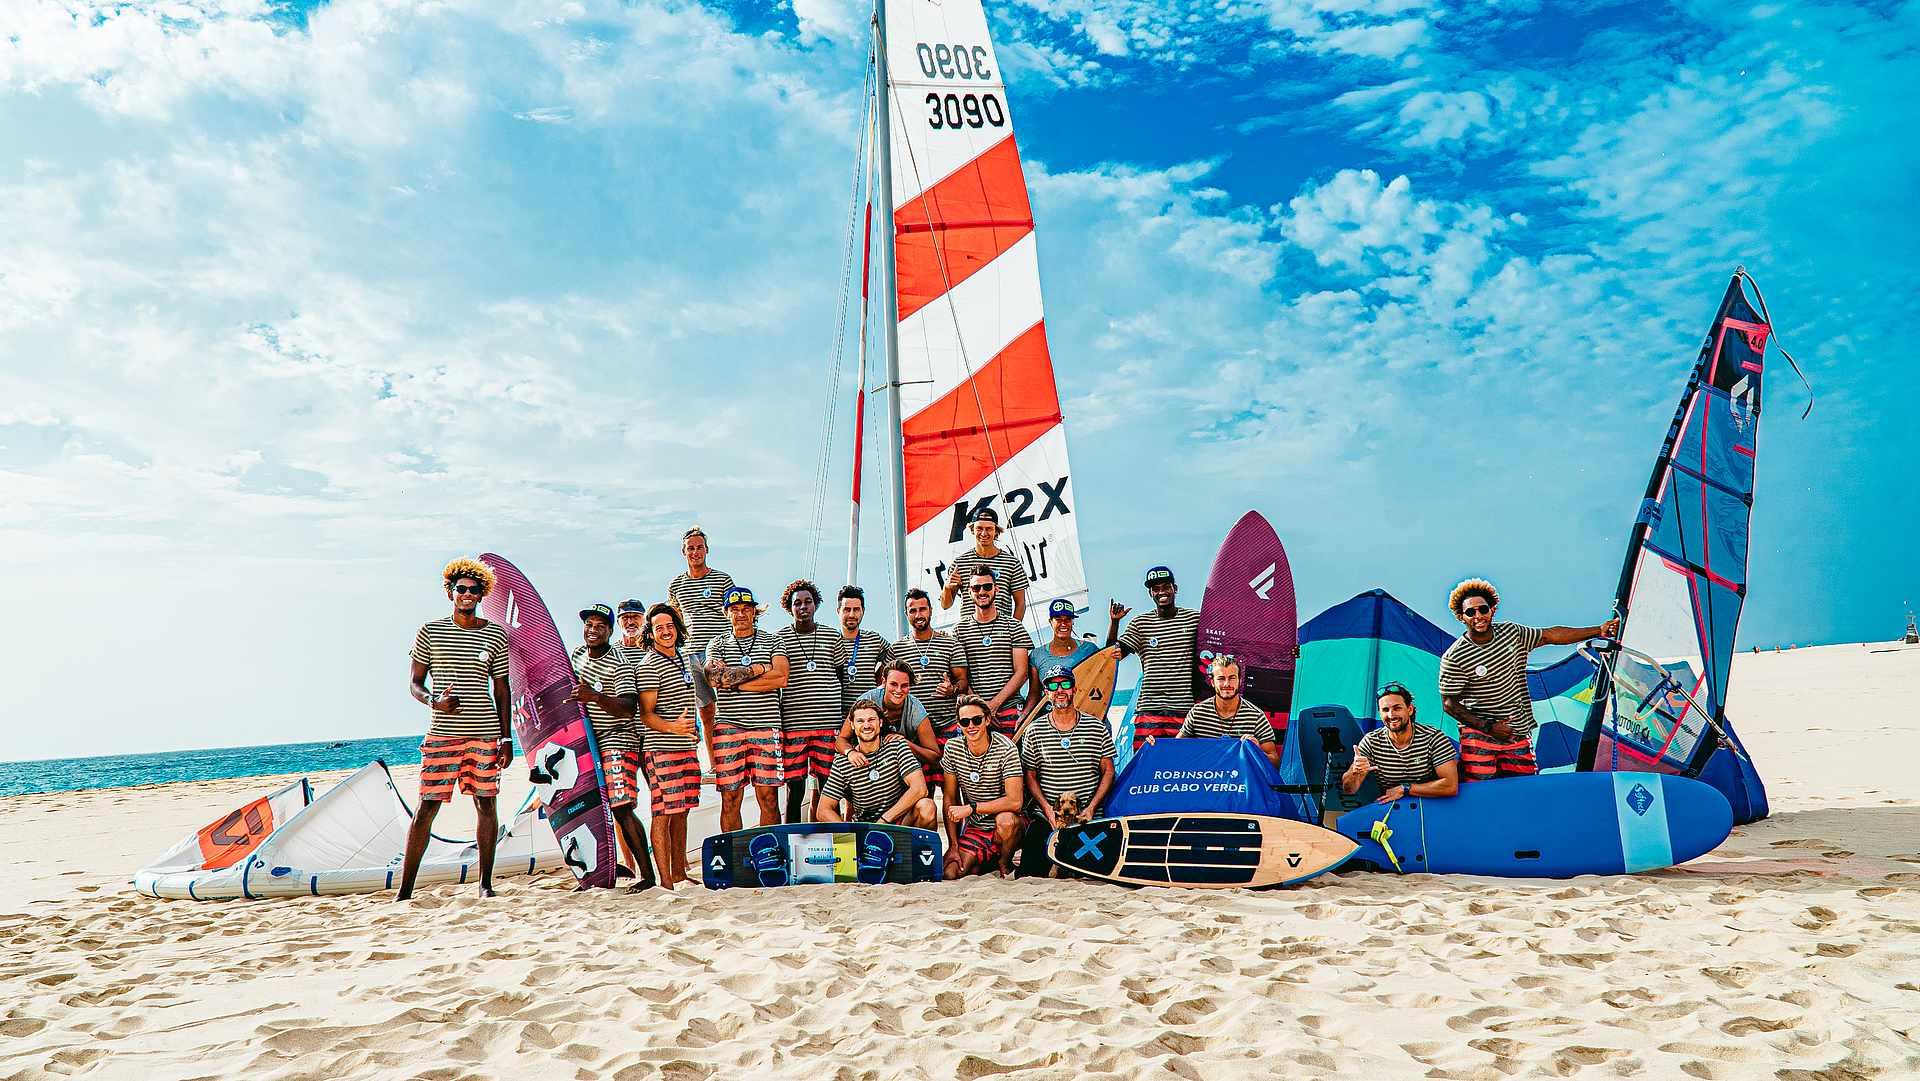 Wassersport-Team des Robinson Club Cabo Verde